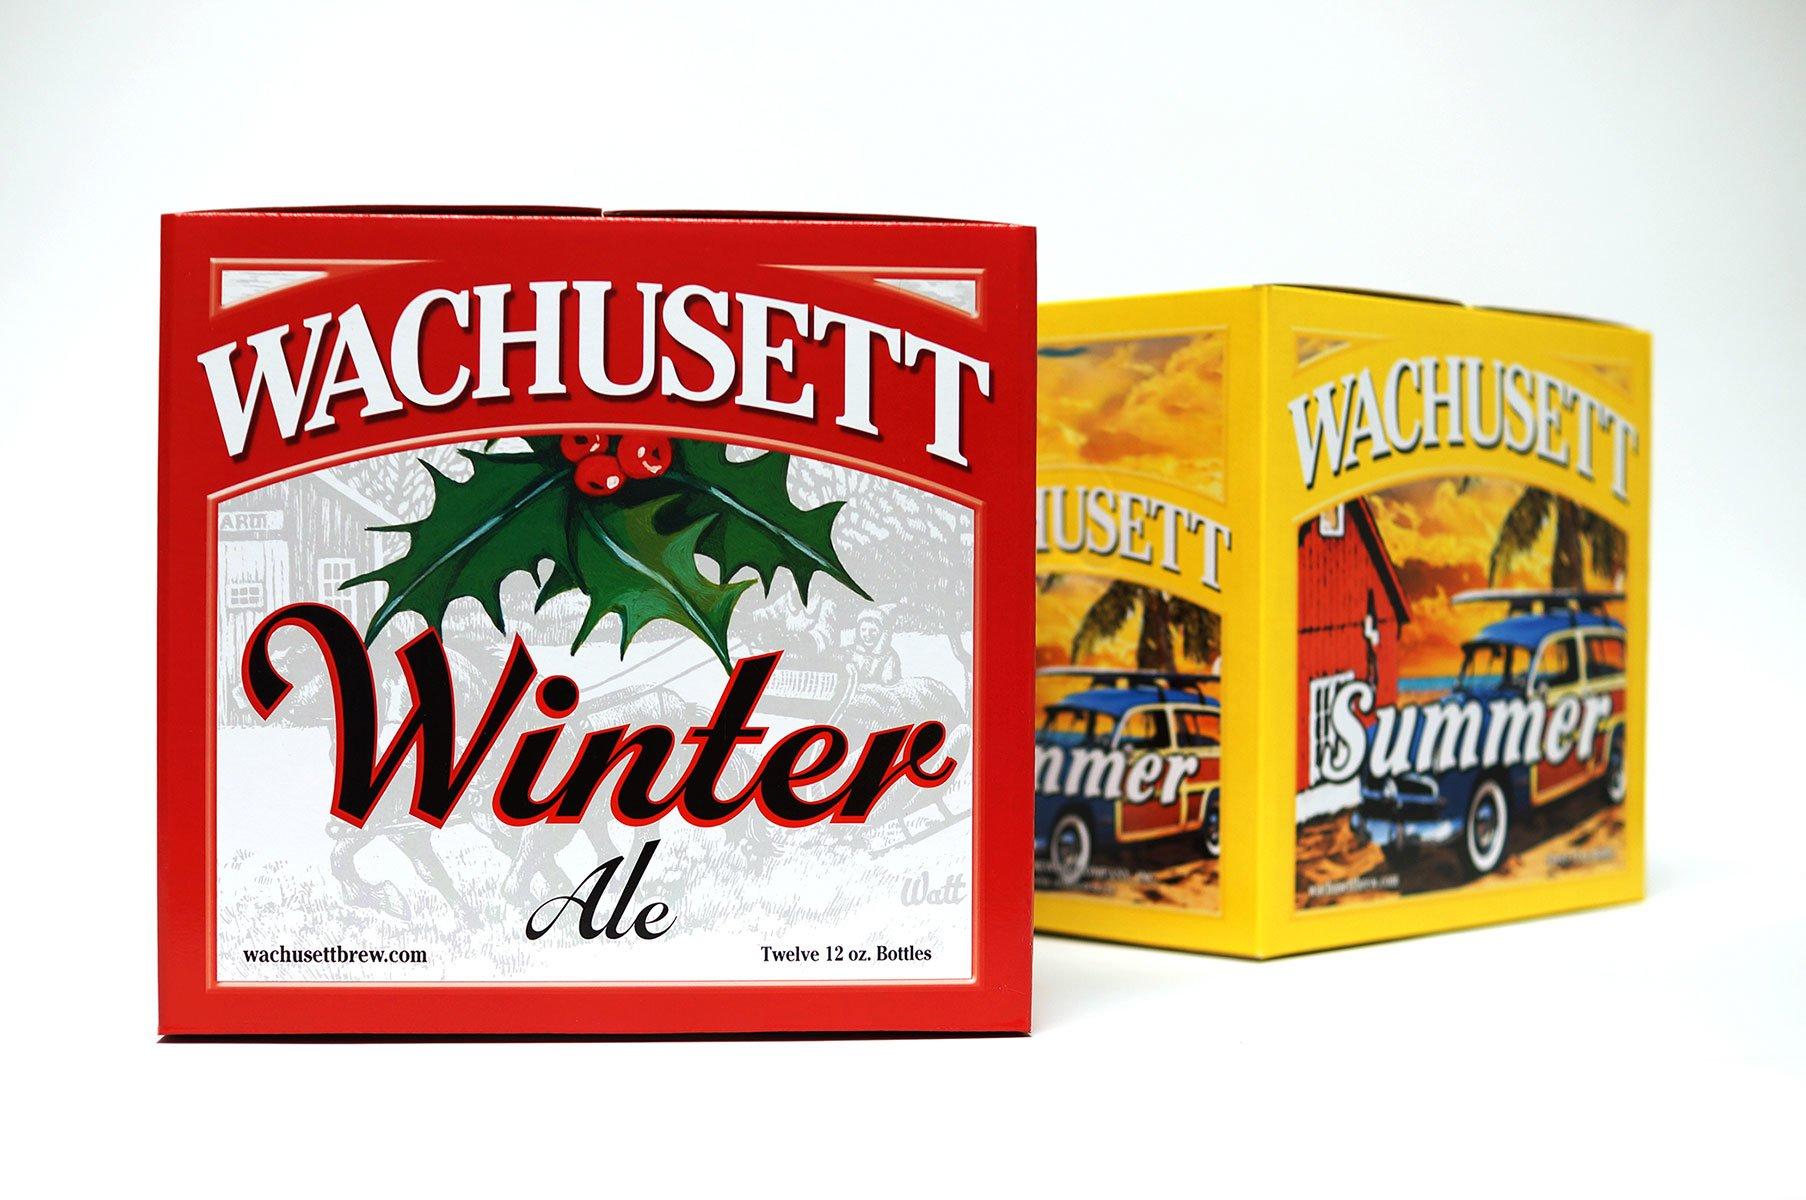 Wachusett Beer